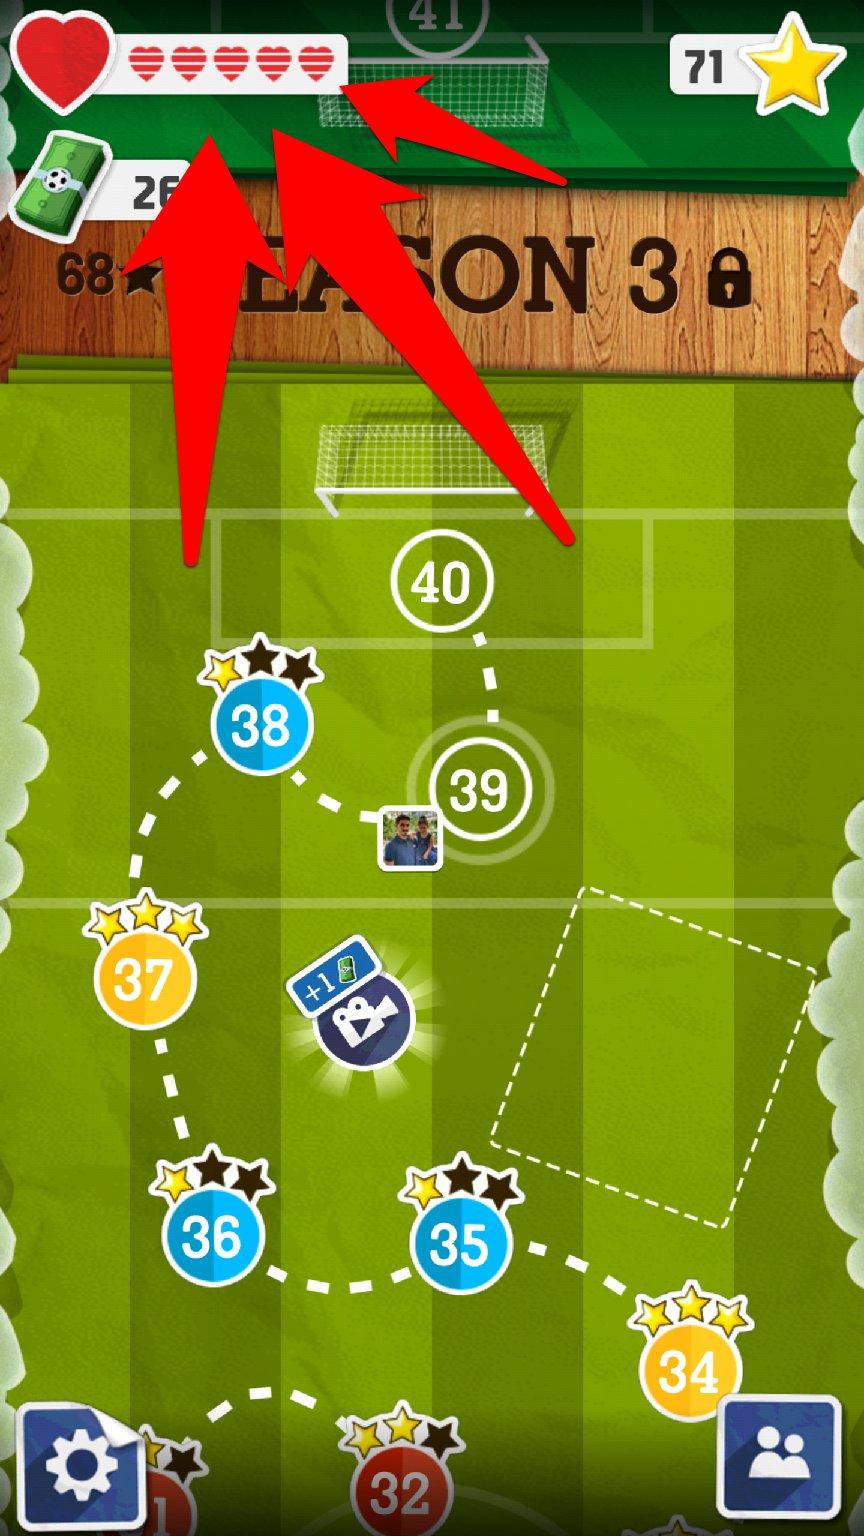 حمل لعبة Score! Hero افضل لعبة كرة قدم مجانية للاندرويد | بحرية درويد